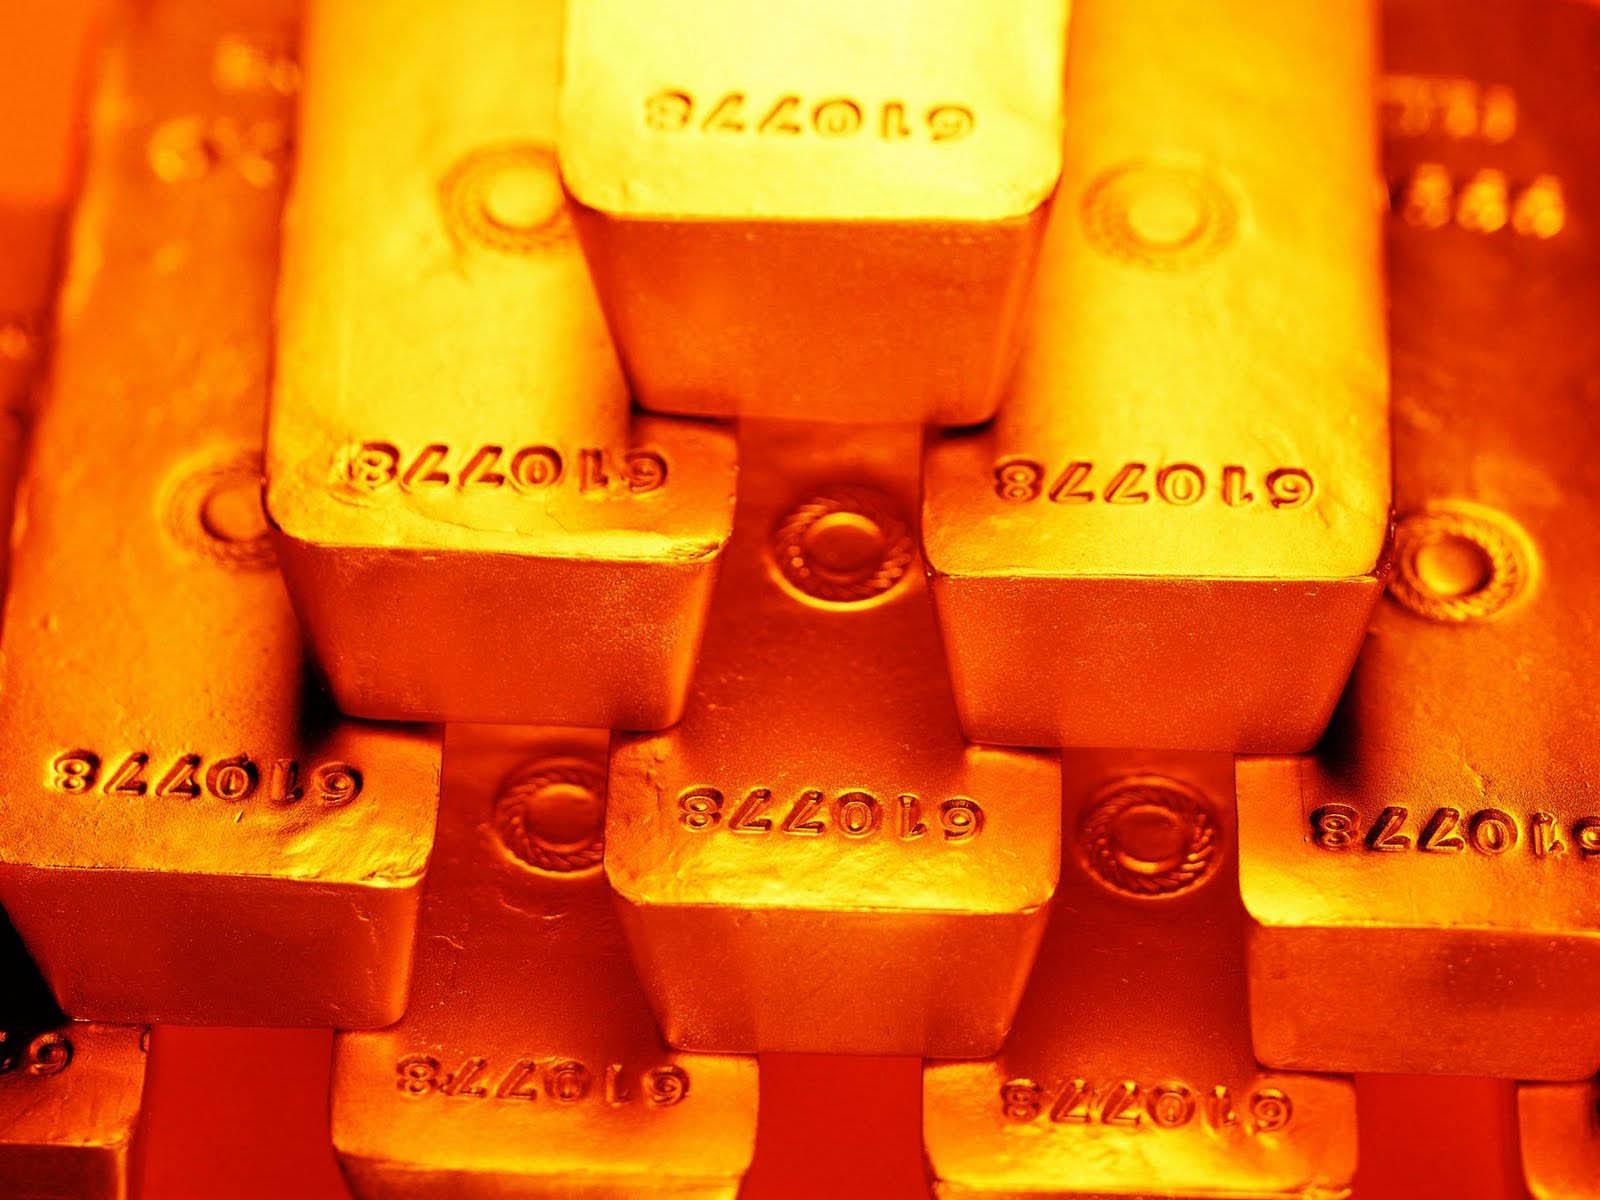 http://4.bp.blogspot.com/-GU5R1n6lJWE/UHbVanvdfRI/AAAAAAAALWY/E-72k5v7K-g/s1600/Gold+Wallpapers+3.jpg